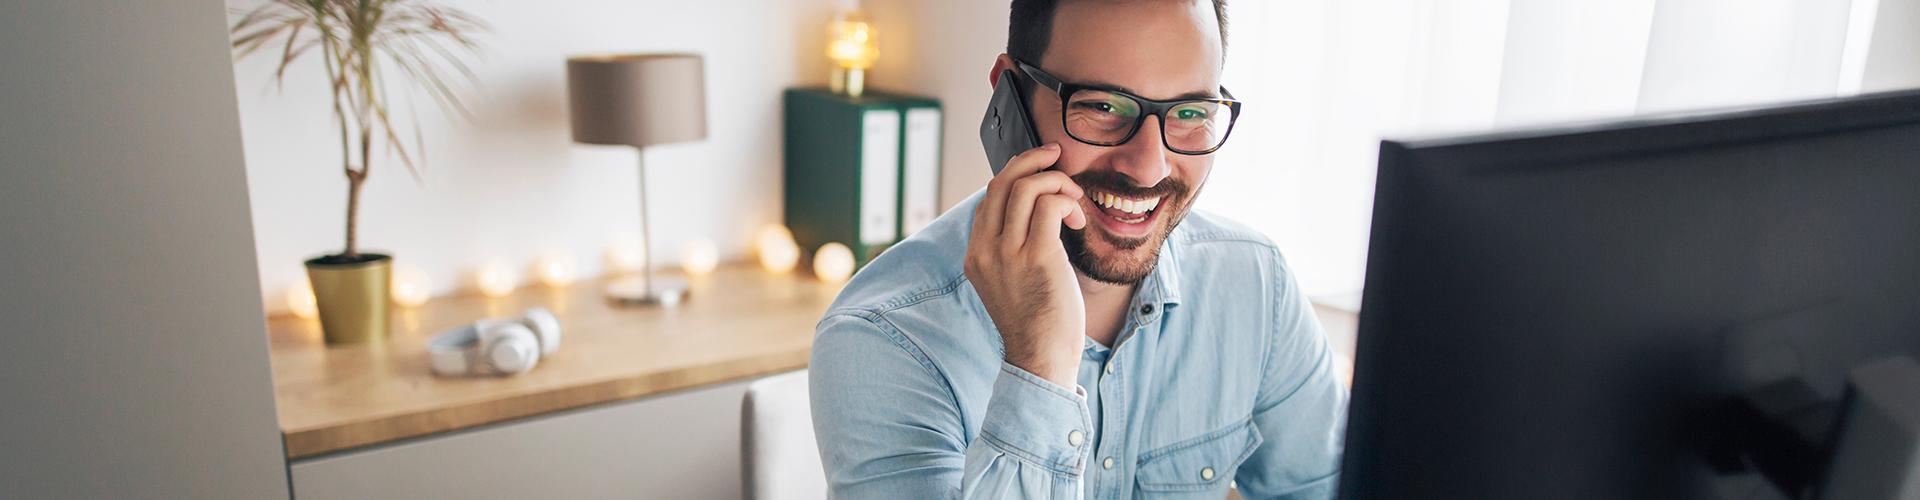 man smiling talking on phone